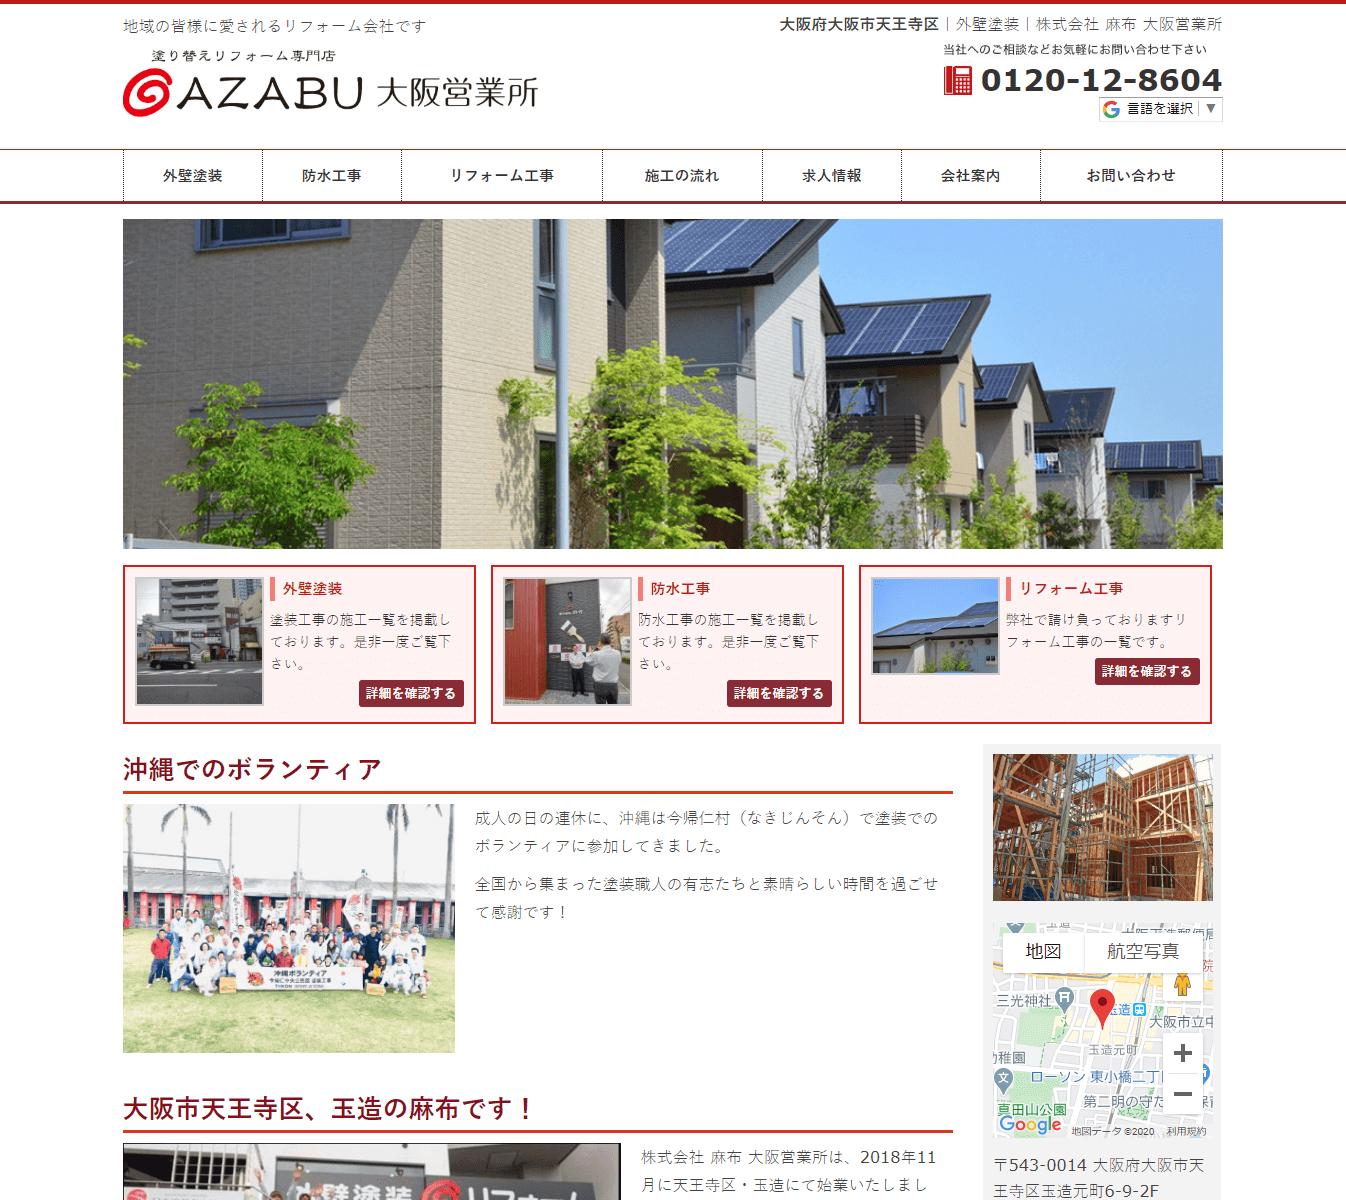 株式会社麻布大阪営業所の口コミや評判